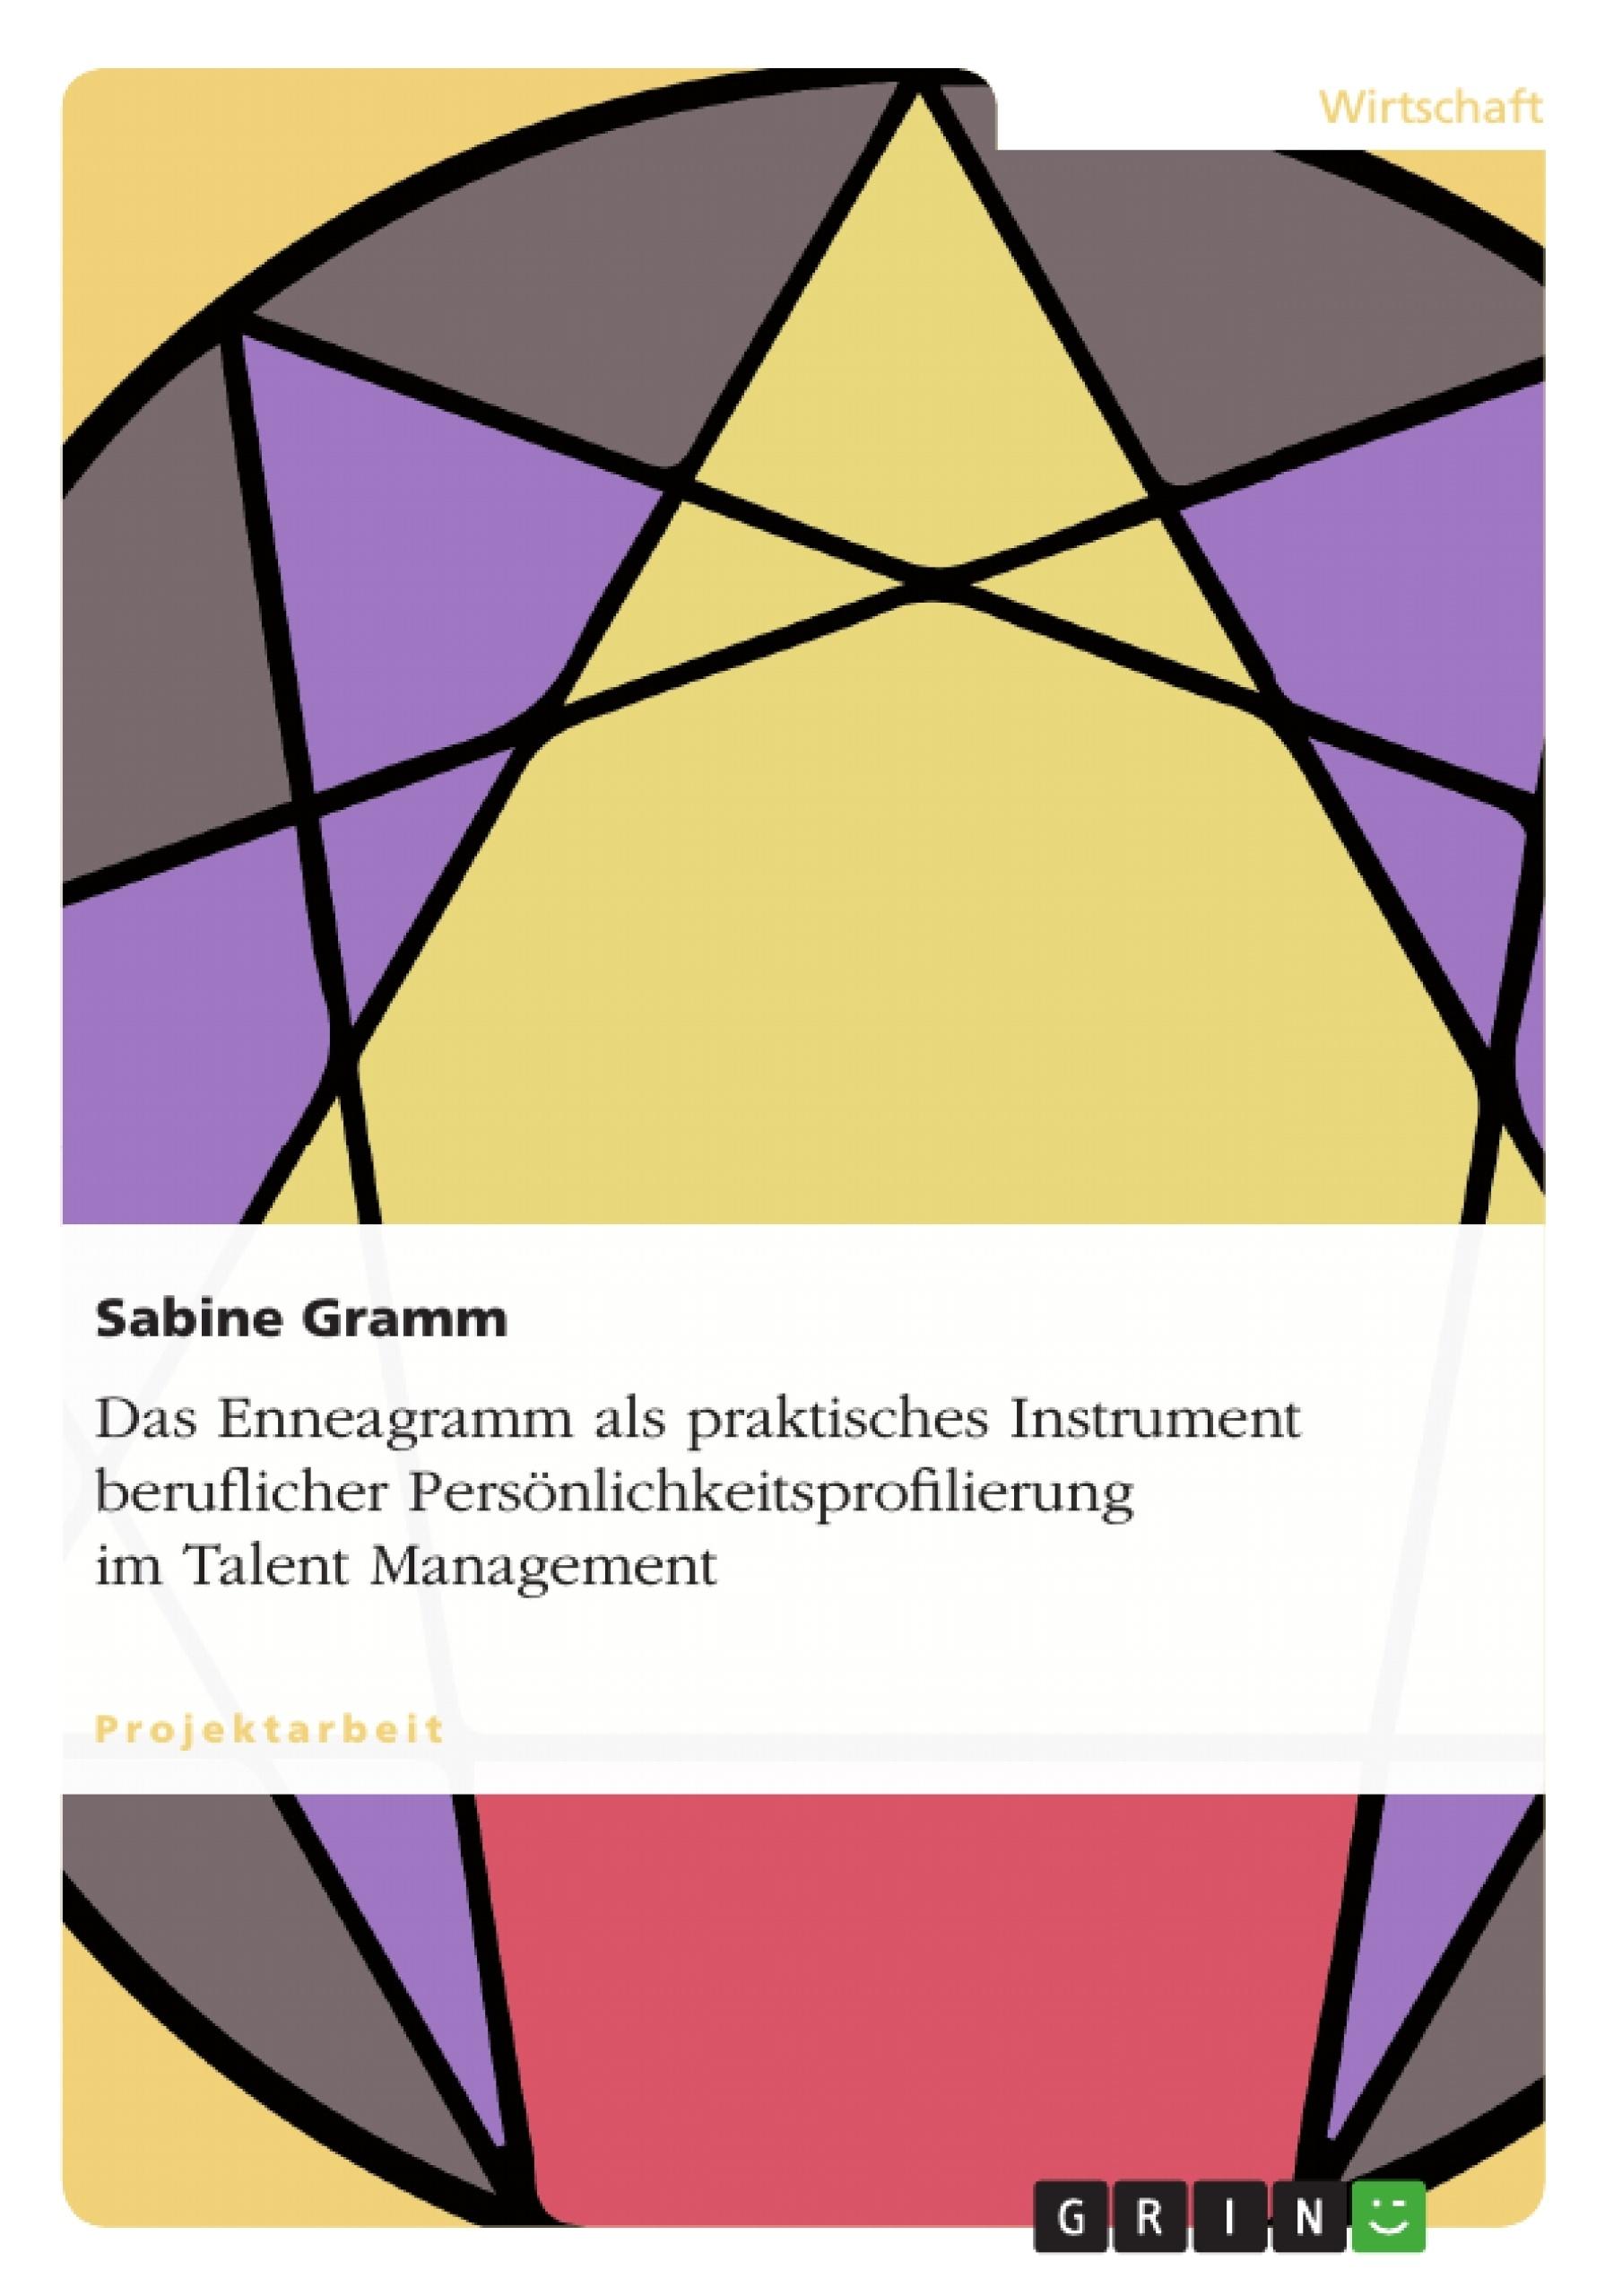 Titel: Das Enneagramm als praktisches Instrument beruflicher Persönlichkeitsprofilierung im Talent Management